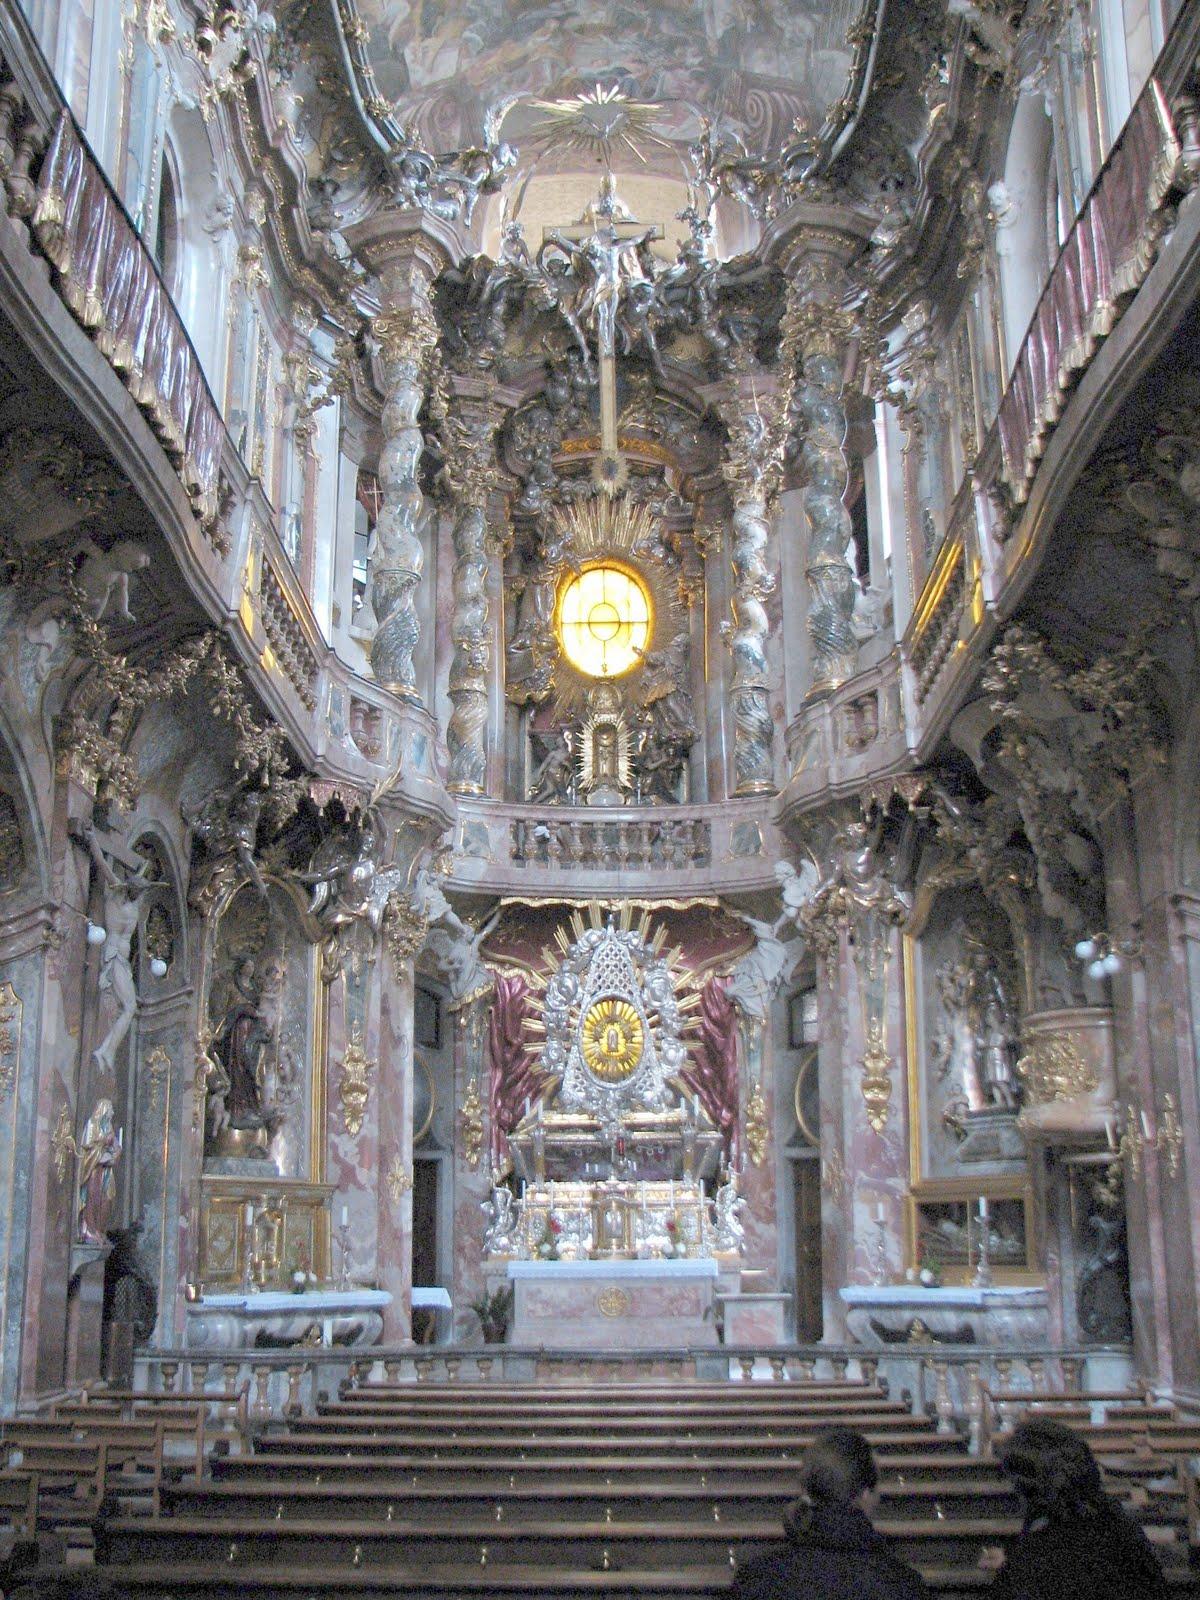 baroque architecture interior - photo #28